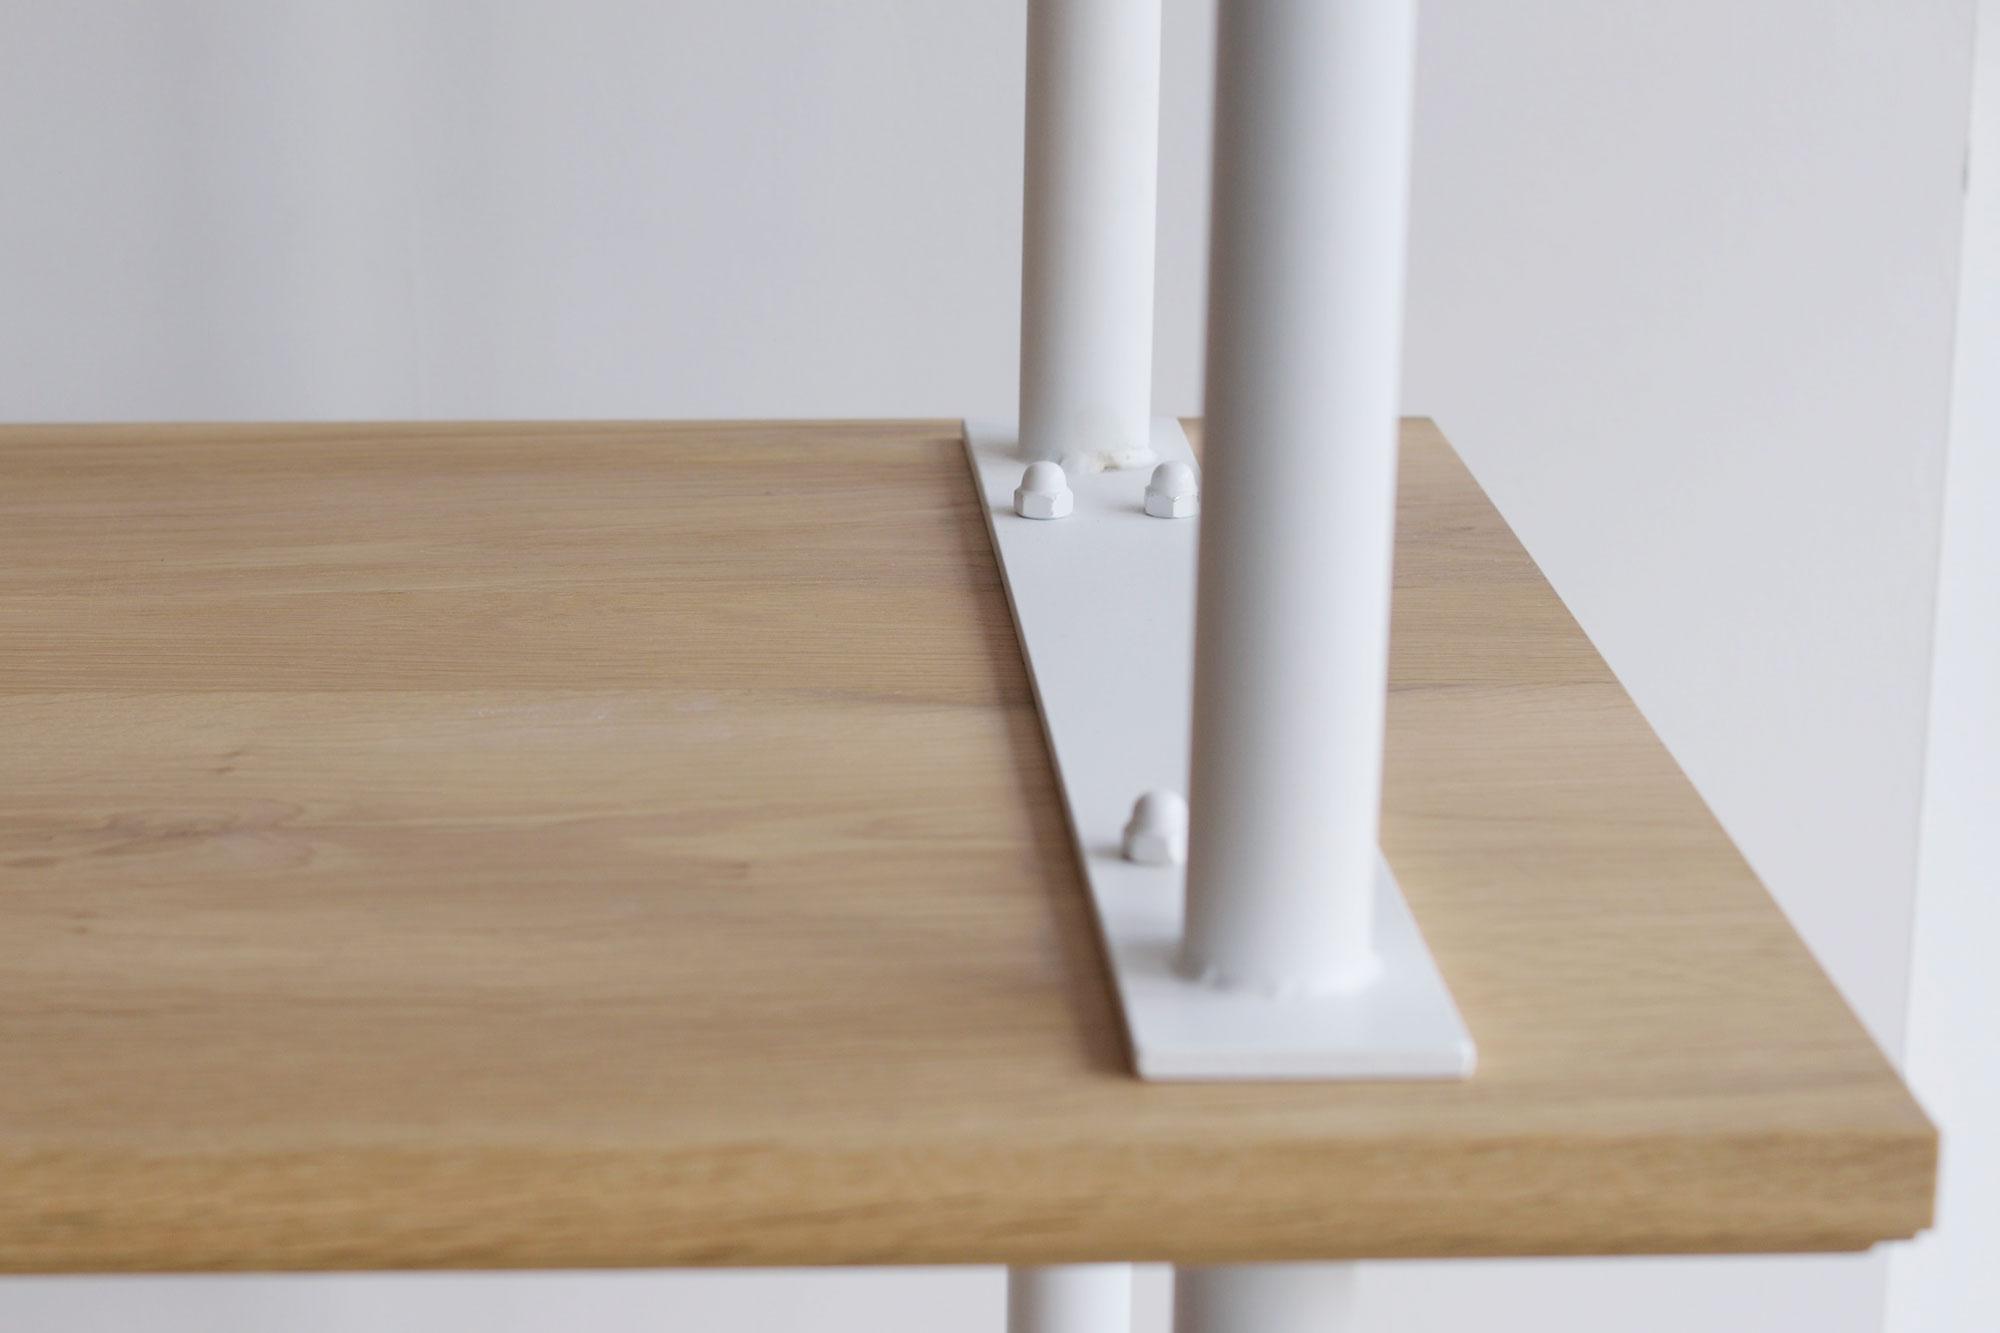 Build Rack 金属パーツ白塗装、4段タイプ、ナラ節あり材、オスモ塗装